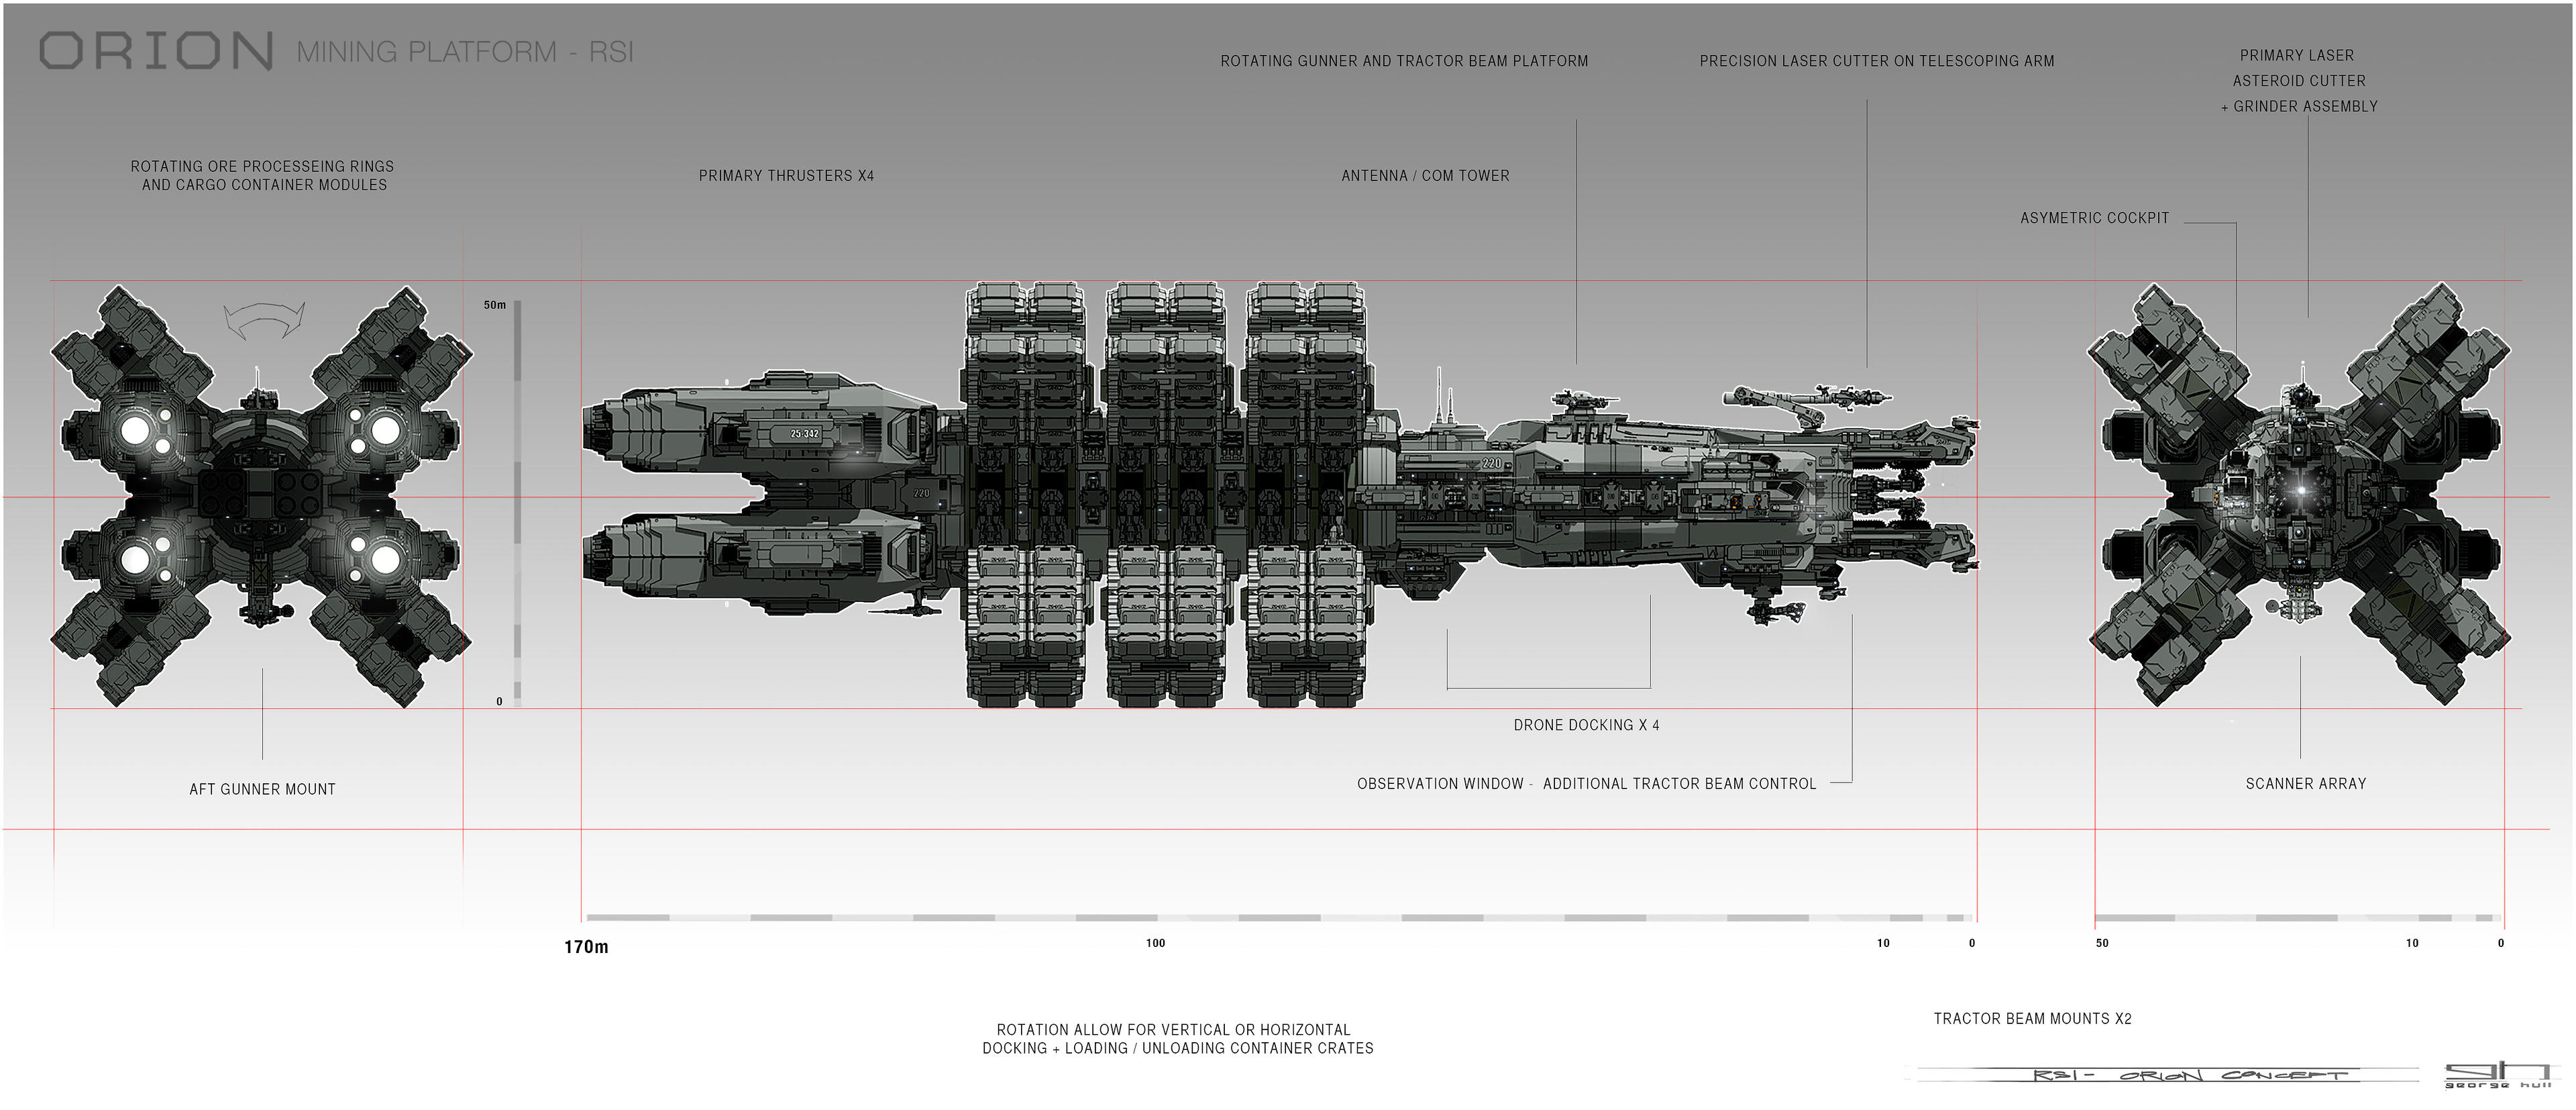 ORION Mining Platform przód/tył/bok